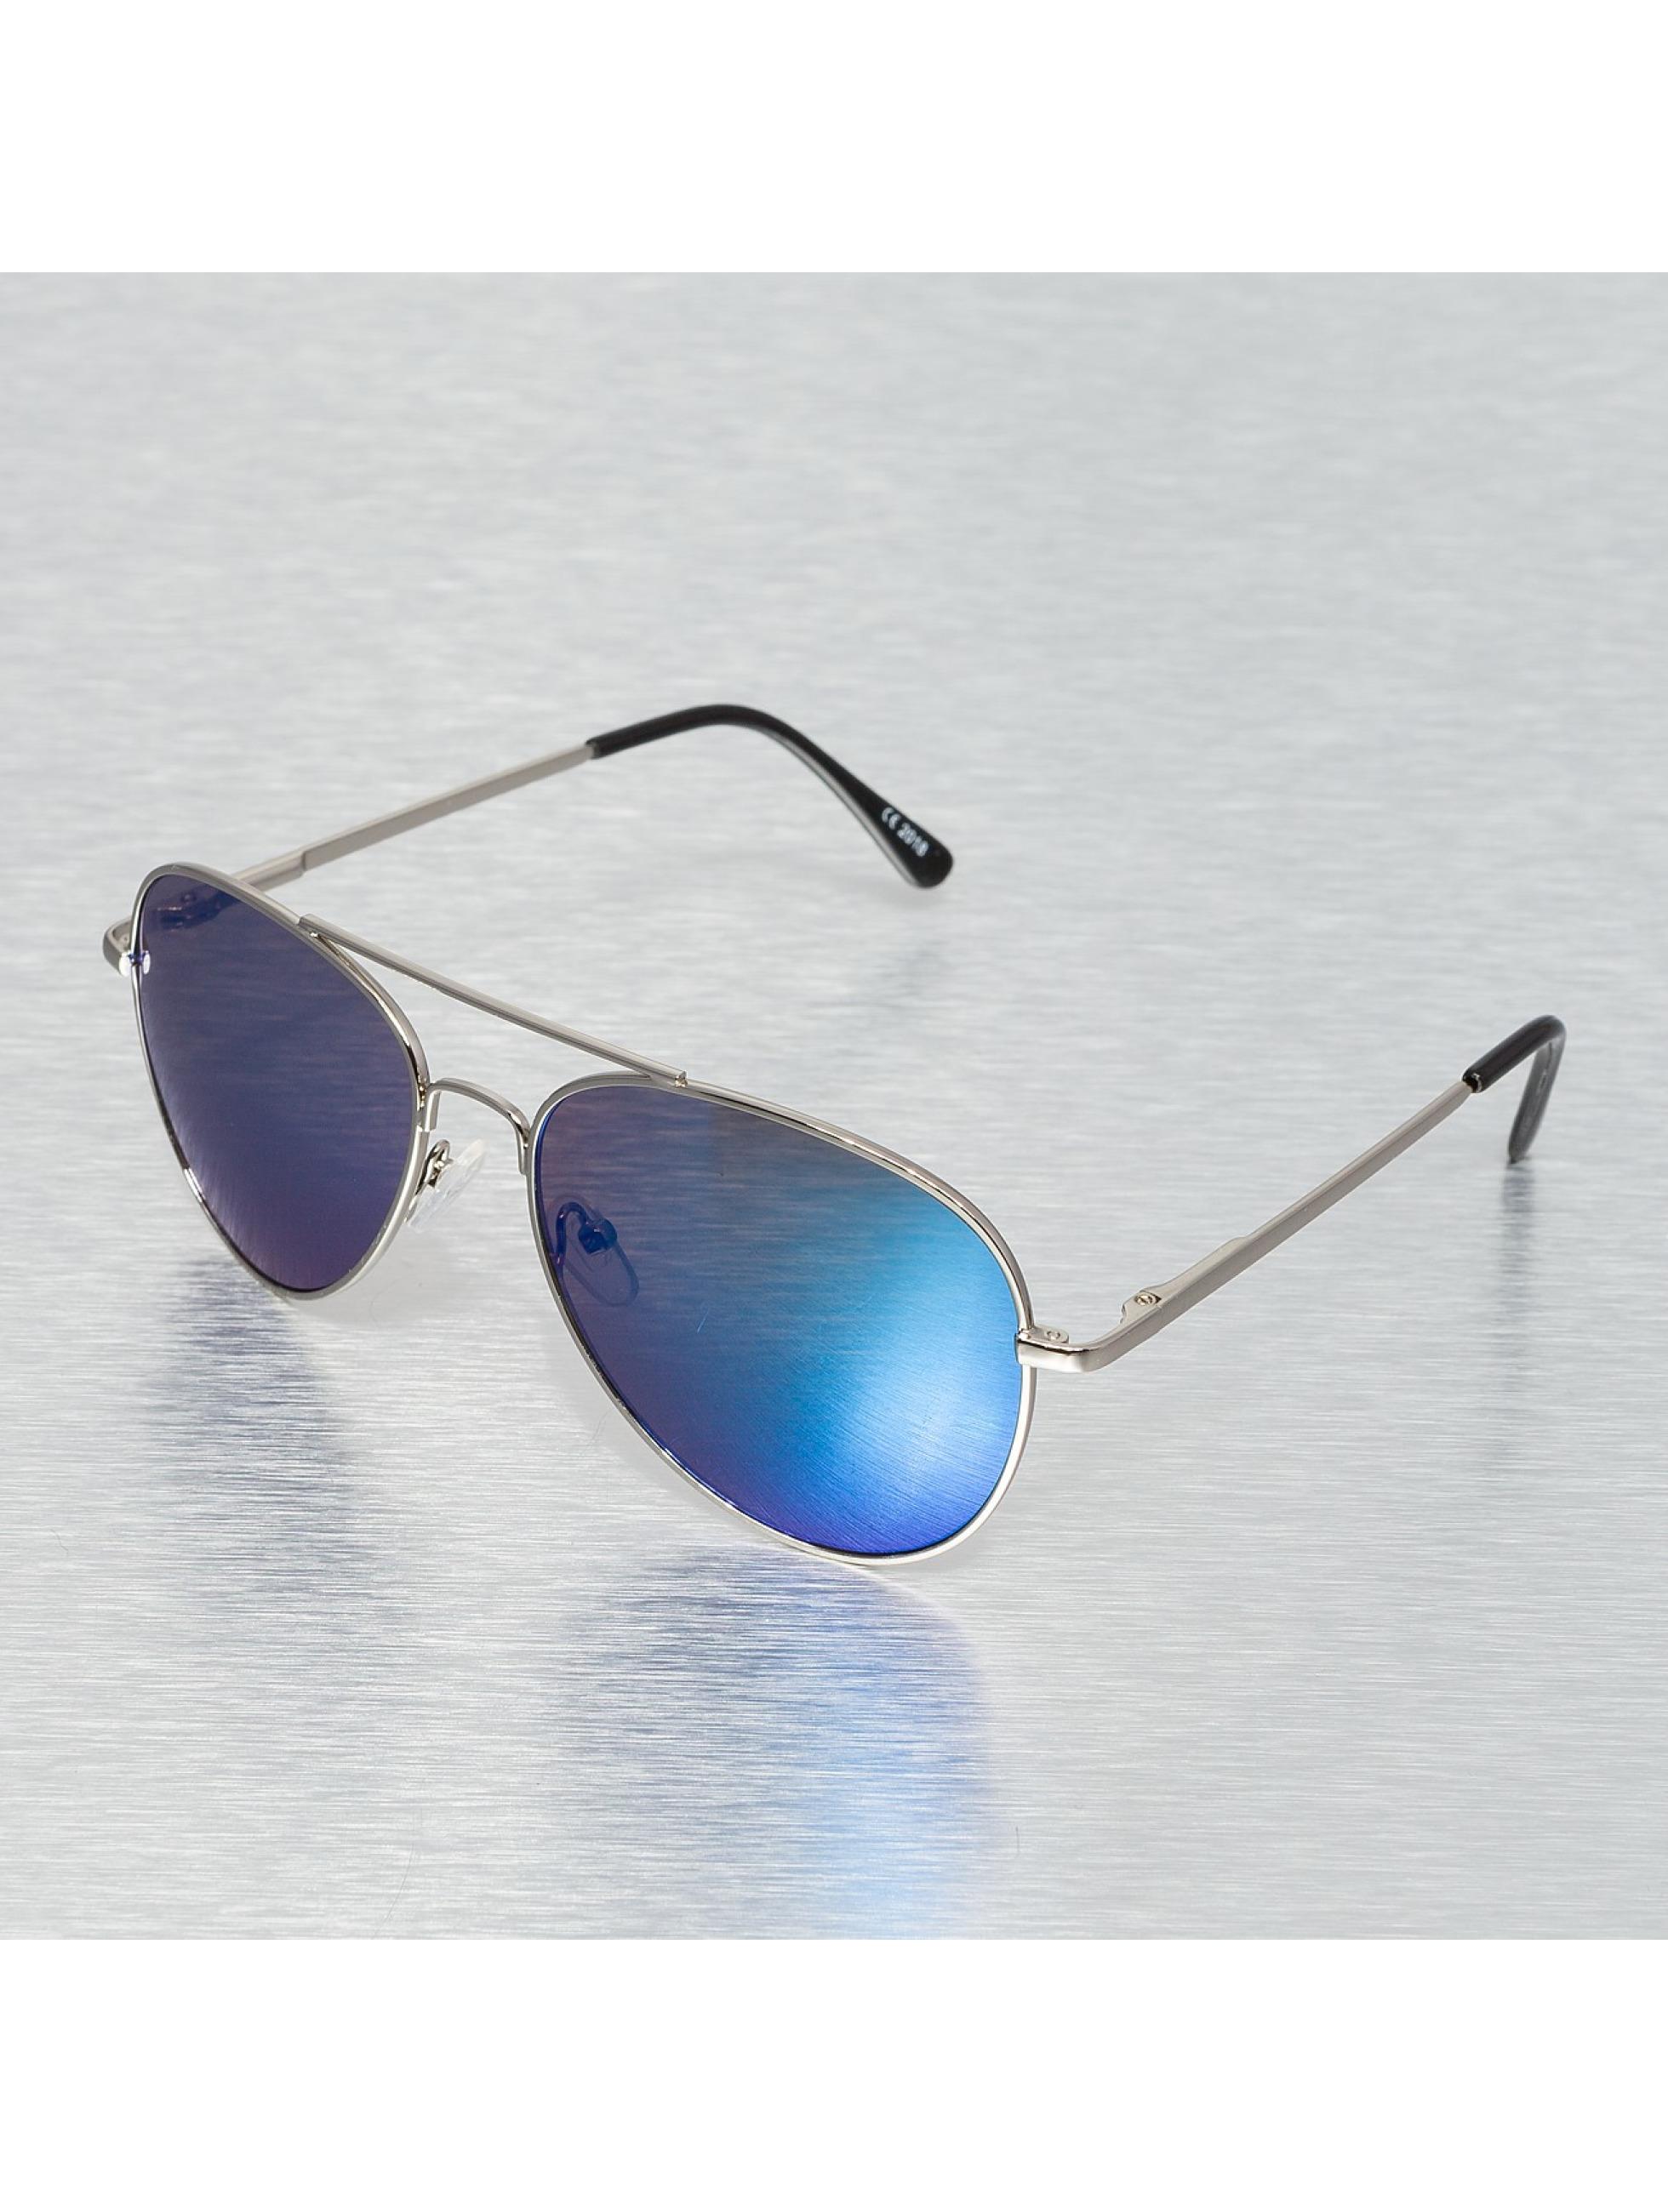 Miami Vision Männer,Frauen Sonnenbrille Vision in silberfarben